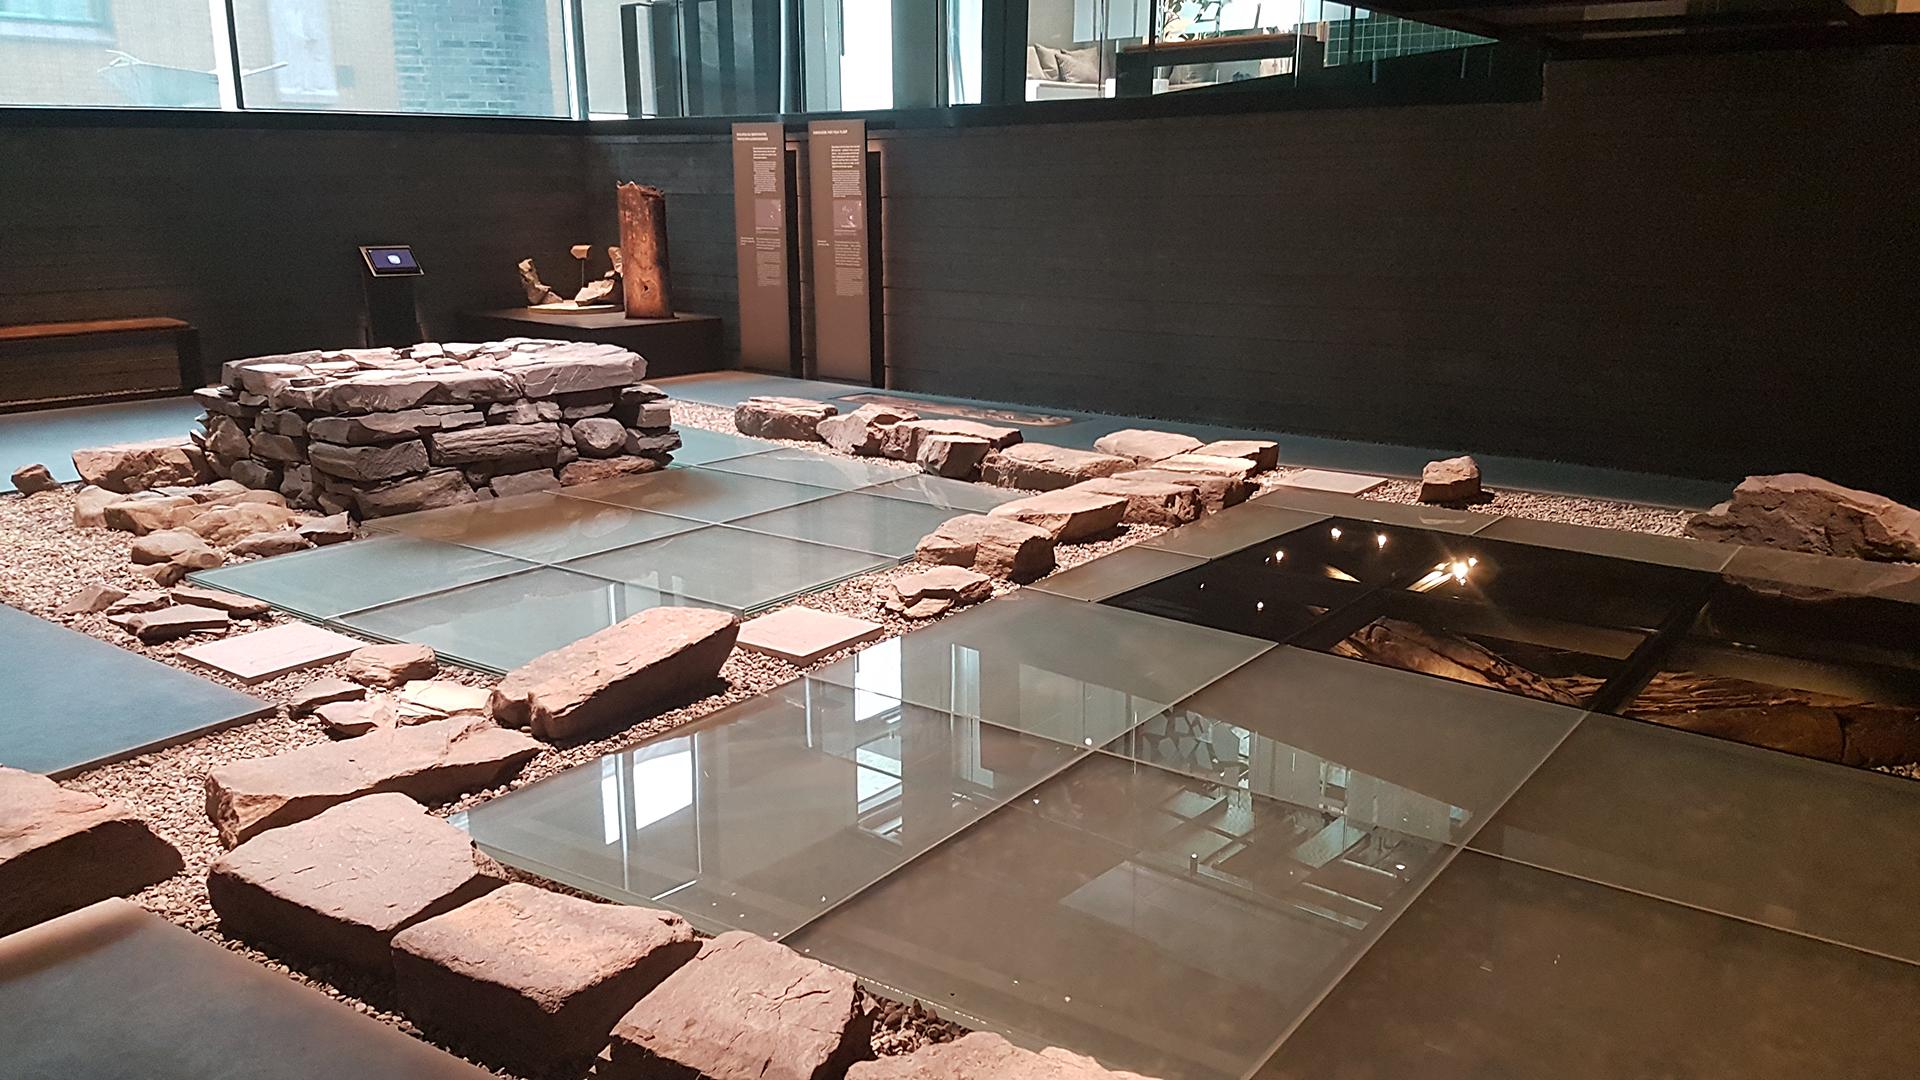 Ruinene av Klemenskirken har fått et eget utstillingsrom i næringsbygget i Krambugata 2. Bildet viser utstillingen av ruinene. Foto av Siri Wolland, Riksantikvaren